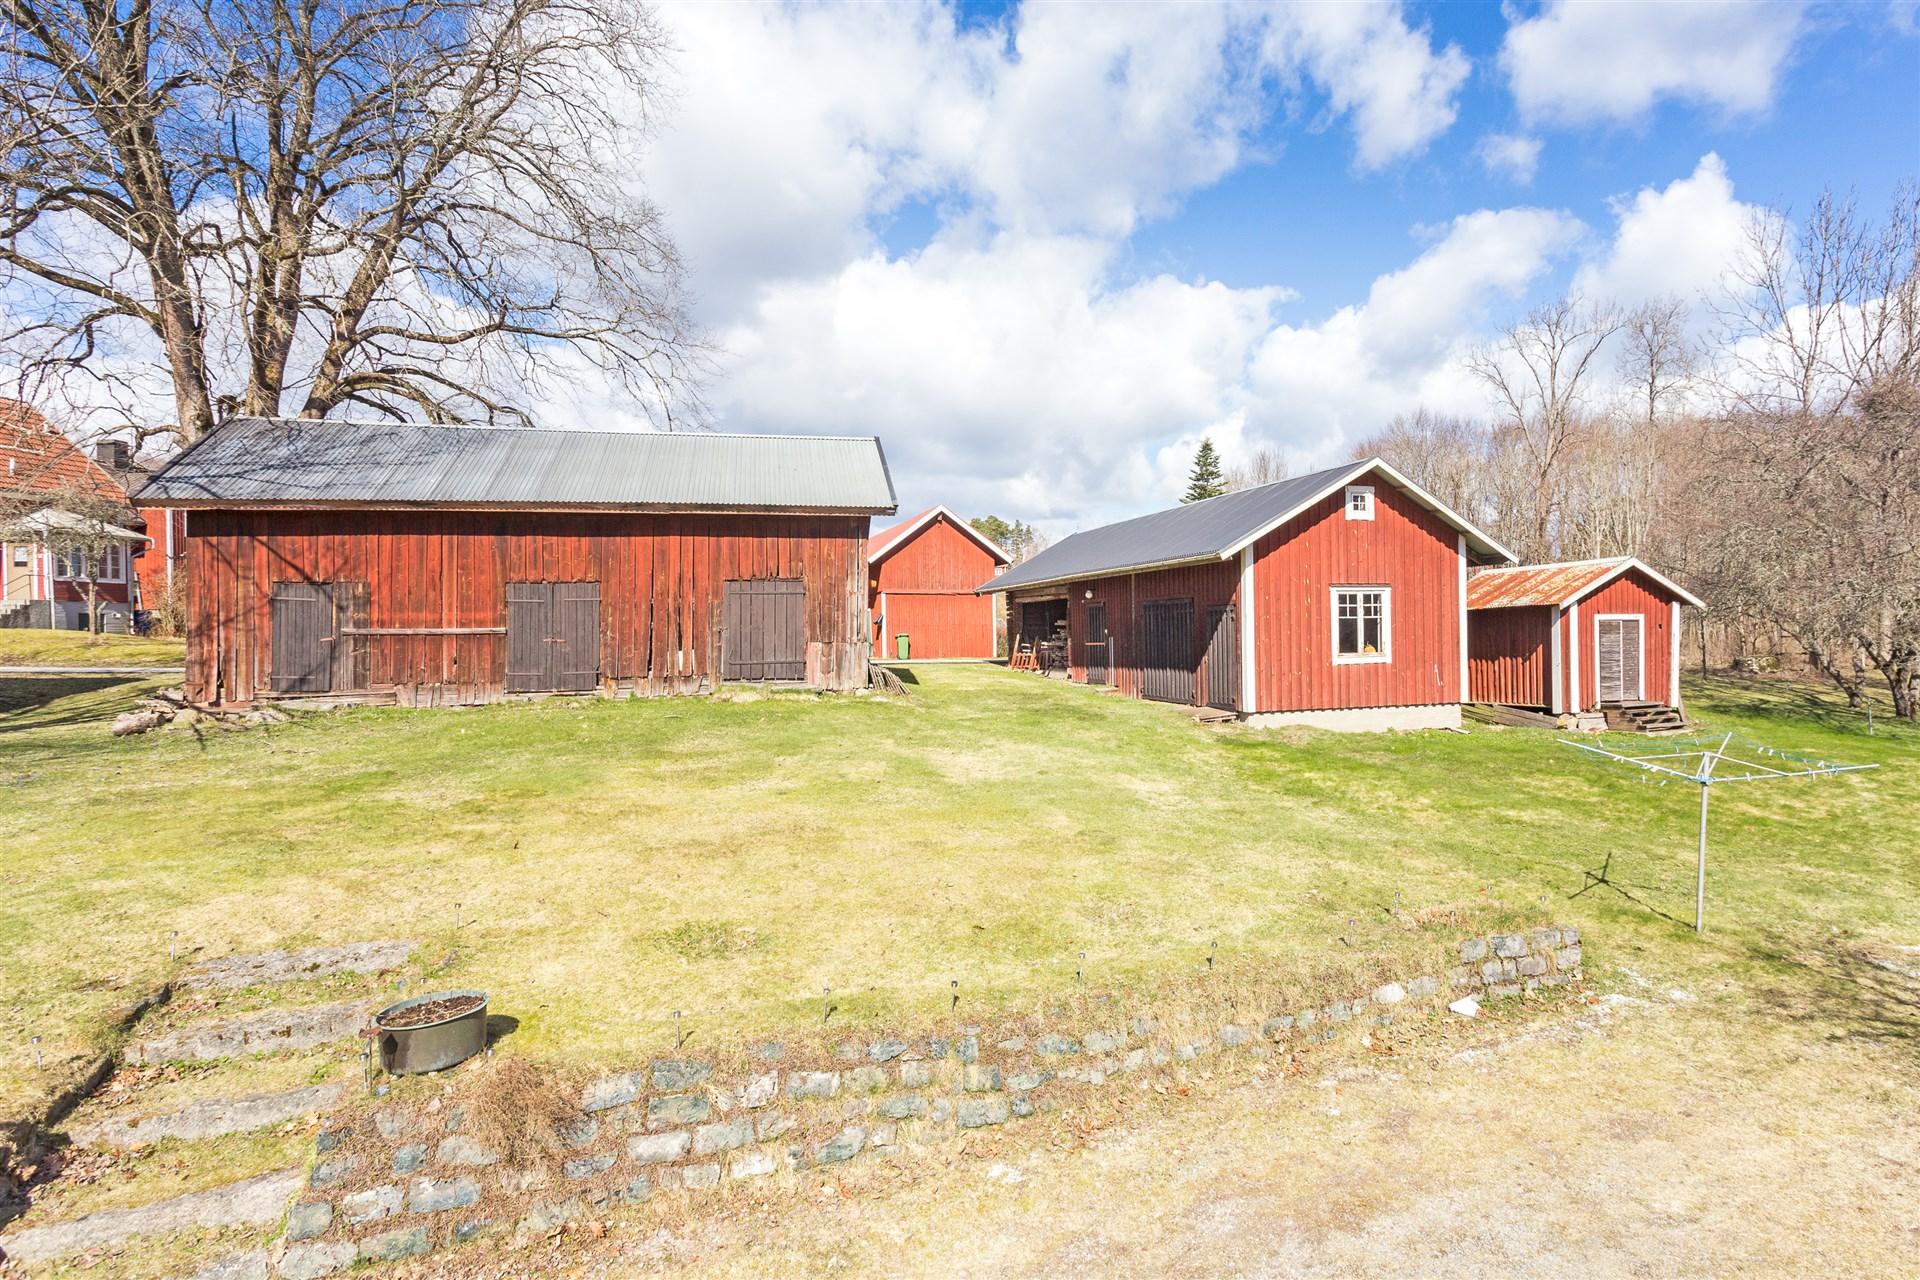 På fastigheten finns 2 uthus, varav det ena är nybyggt på 90-talet. Bakom detta uthus finns ett enklare garage och ett hönshus.